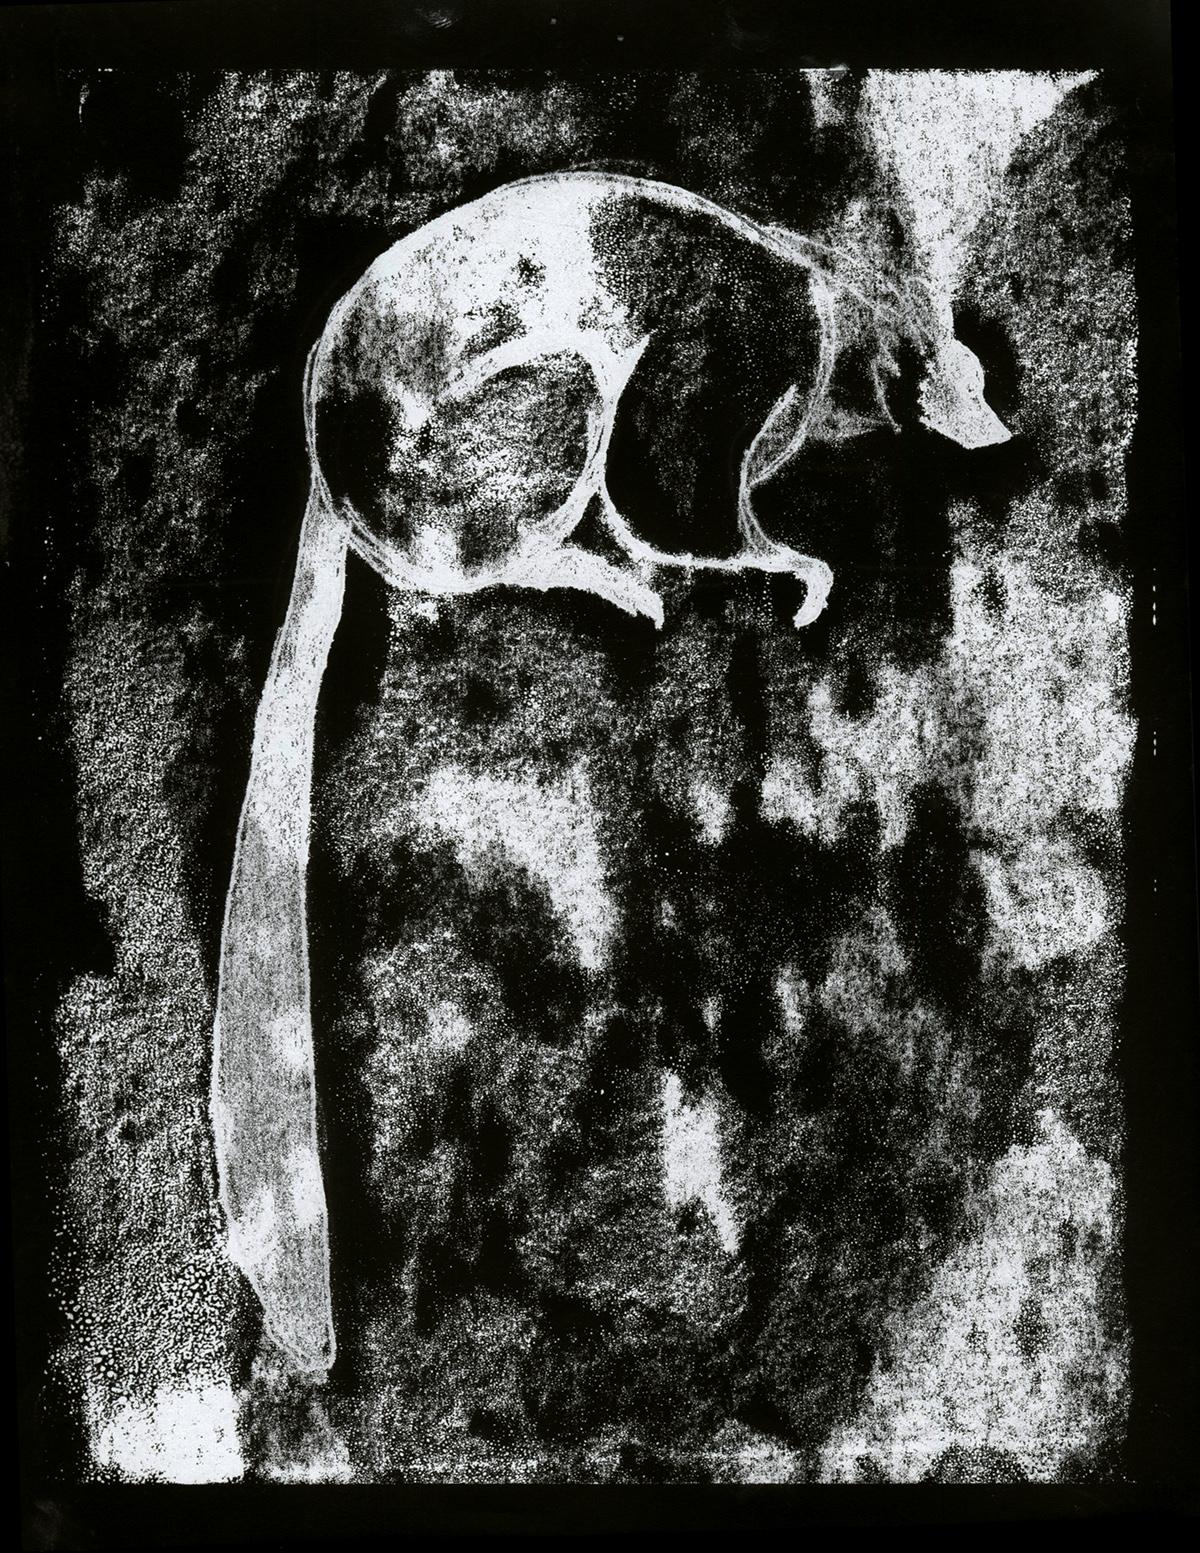 lemur lemurs reductive linocut